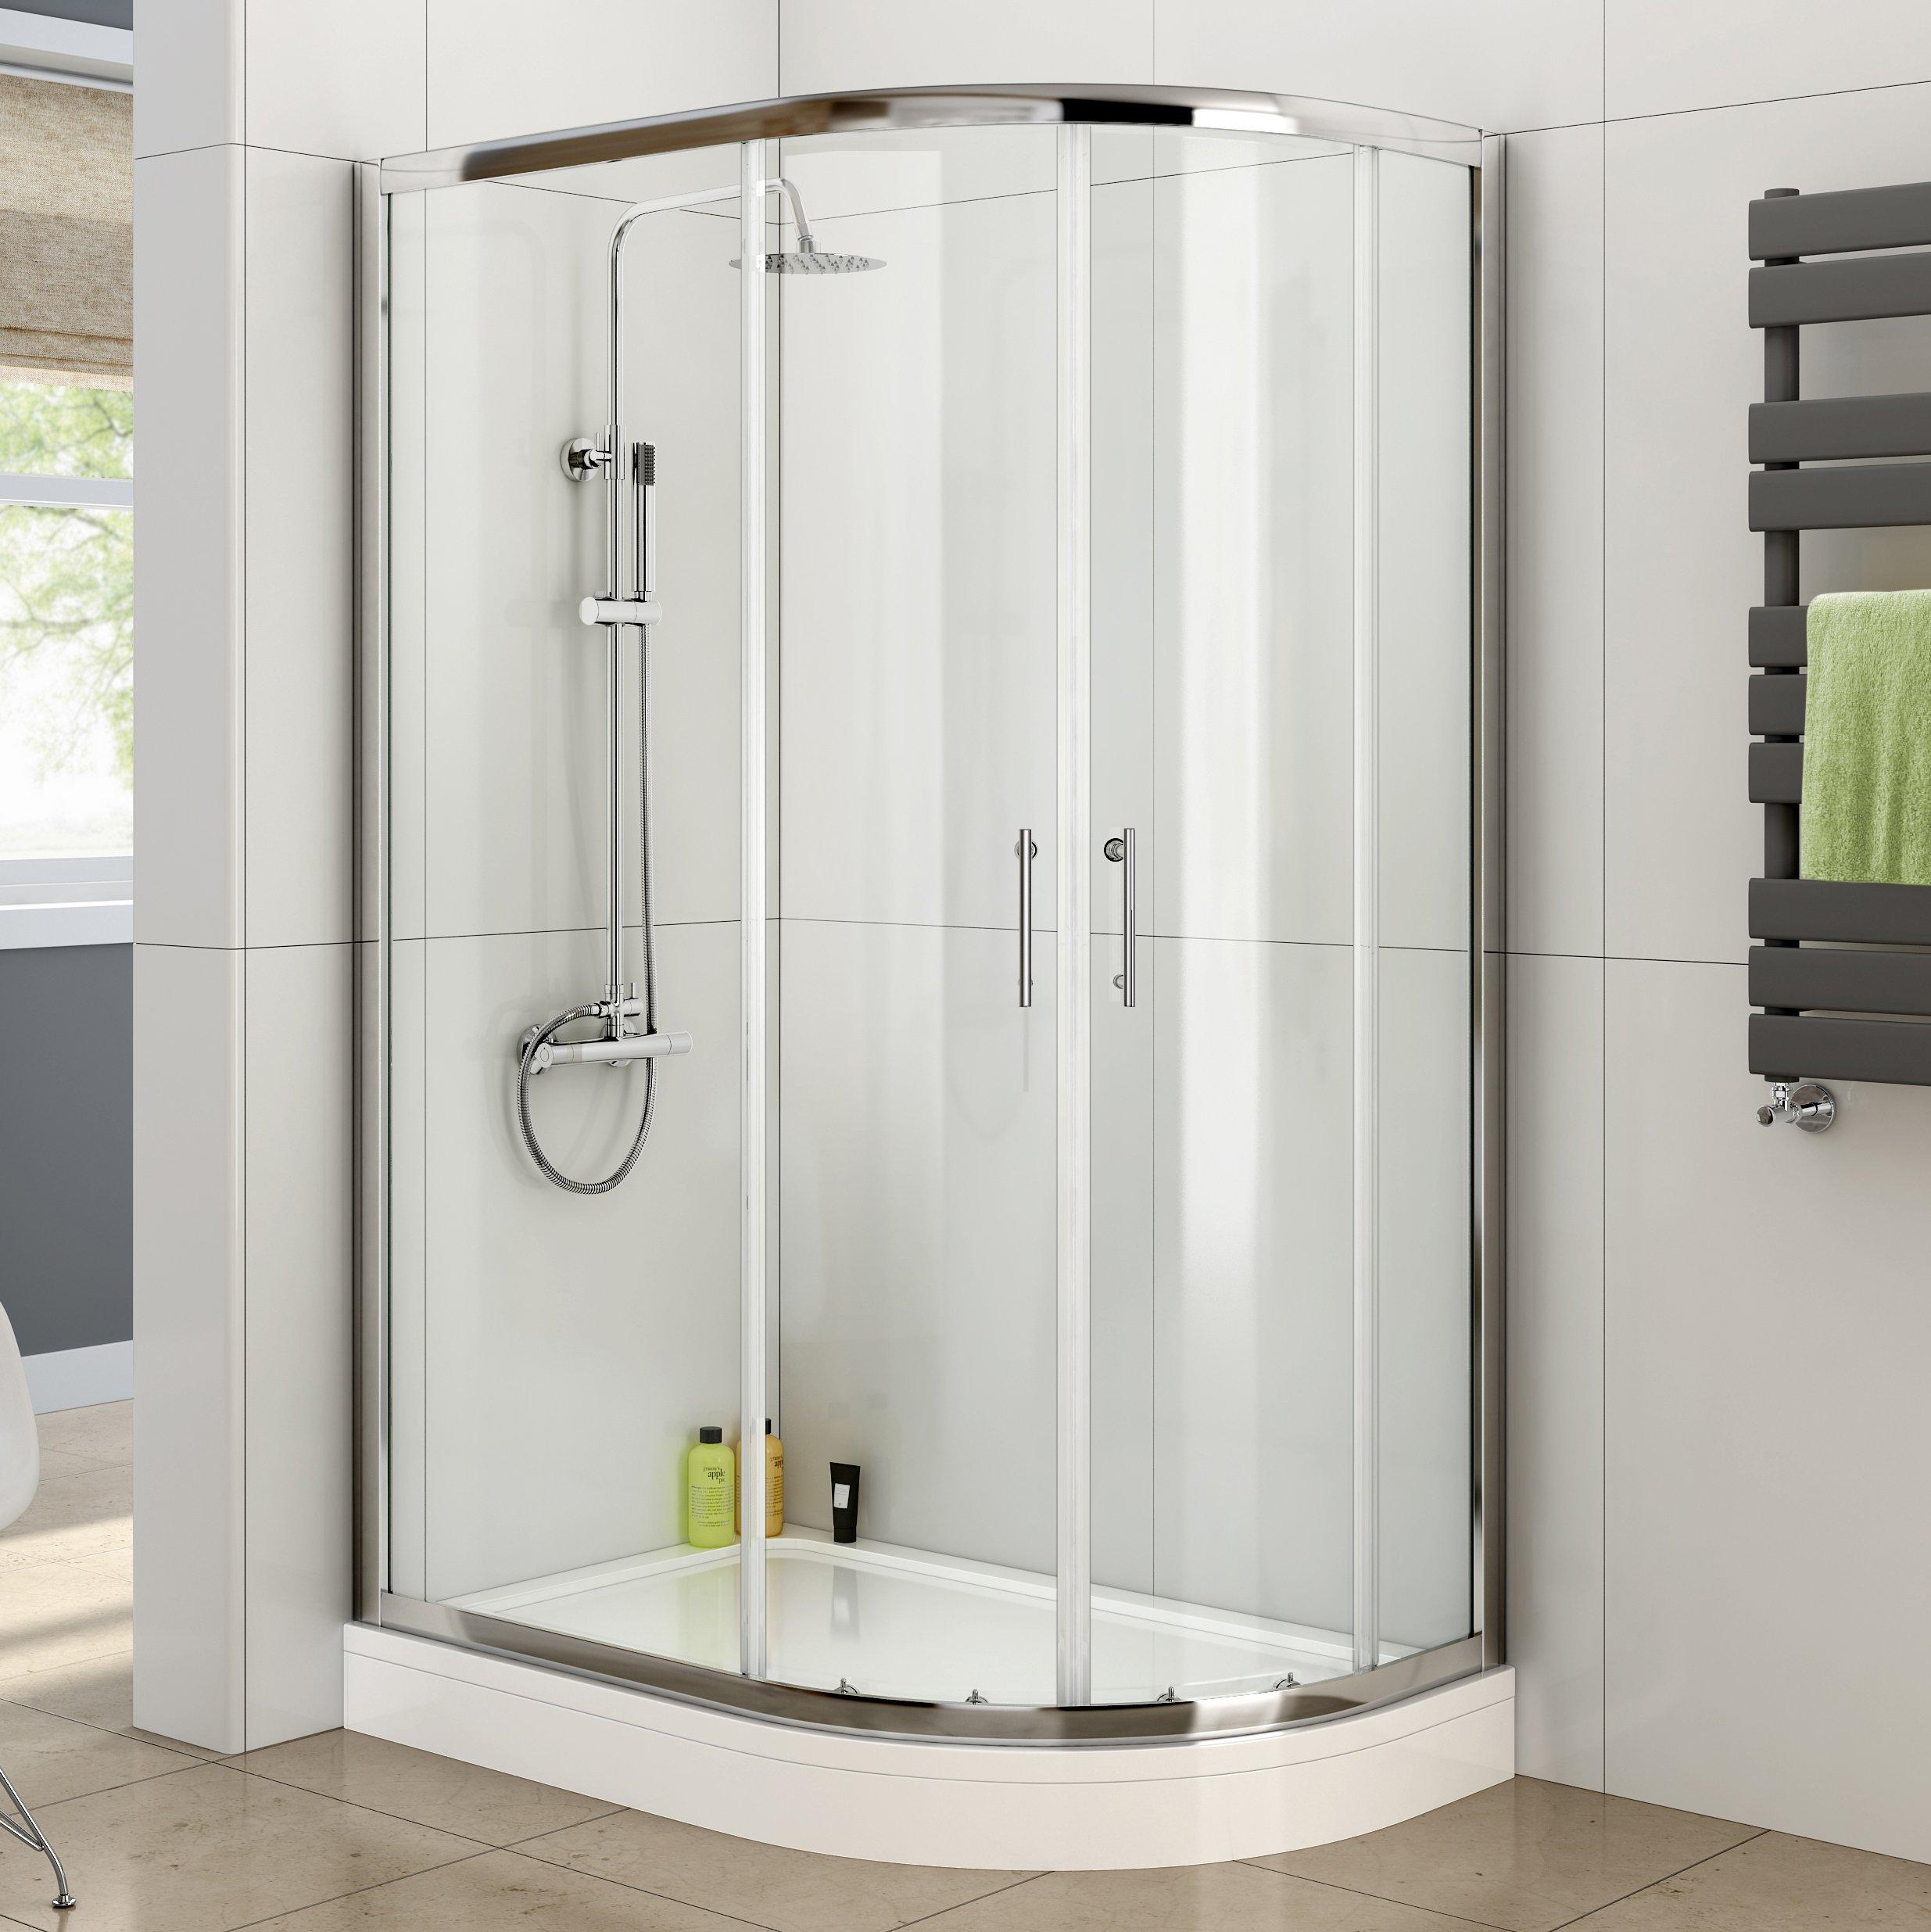 Shower and Enclosure: Amazon.co.uk